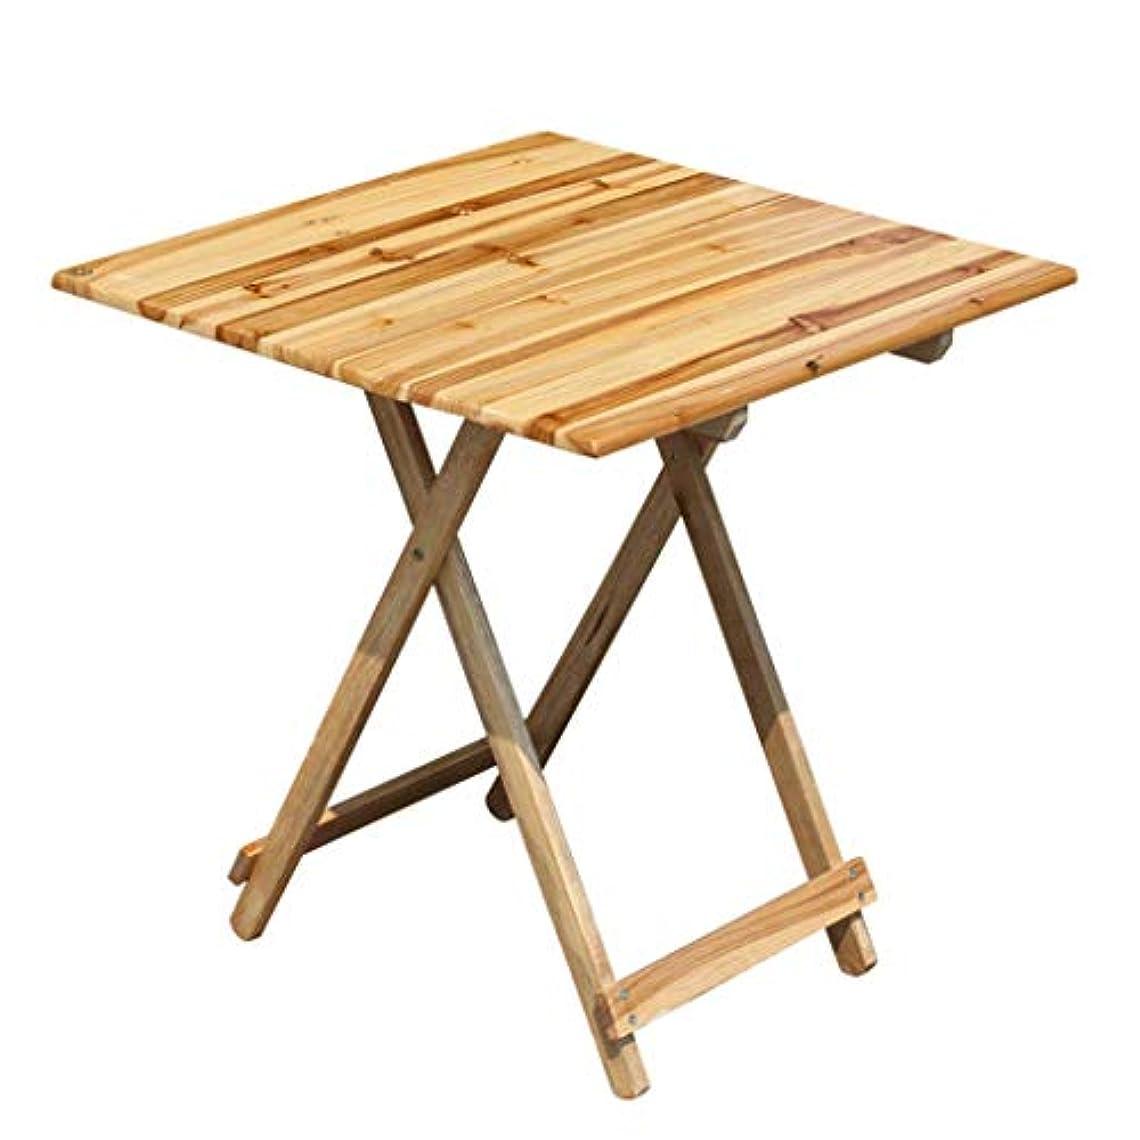 滴下動員する配分FRF 折りたたみ式テーブル- 折りたたみ式ポータブルスクエアテーブルソリッドウッドダイニングテーブル、屋外ストールテーブルバーベキューテーブル (色 : オークカラー, サイズ さいず : 57.5x57.5x54cm)